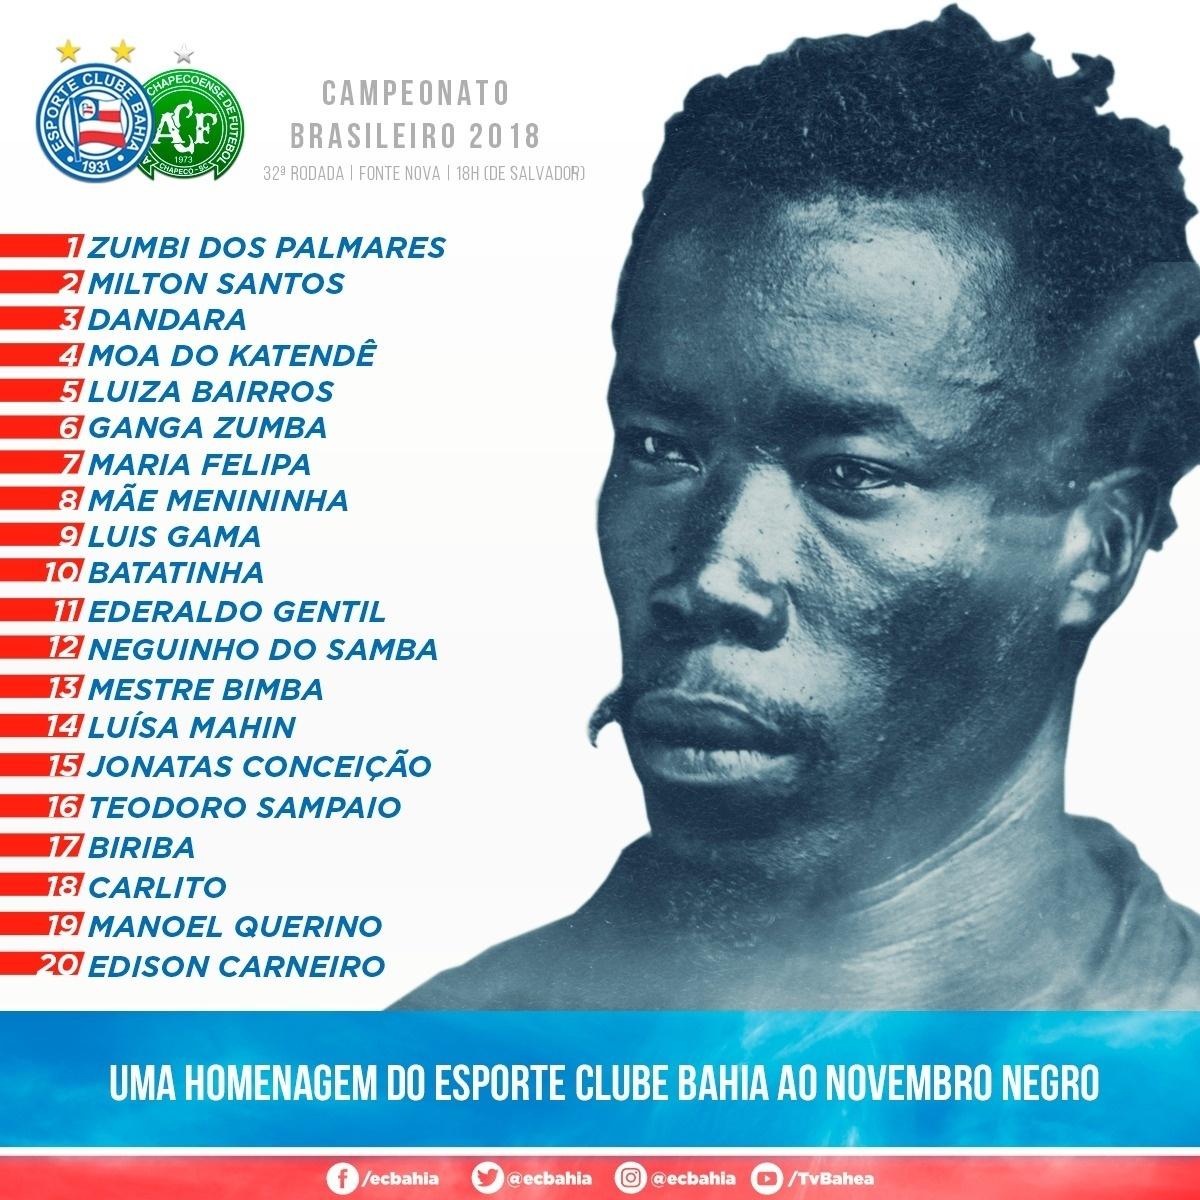 Bahia fará homenagem ao Mês da Consciência Negra contra a Chapecoense